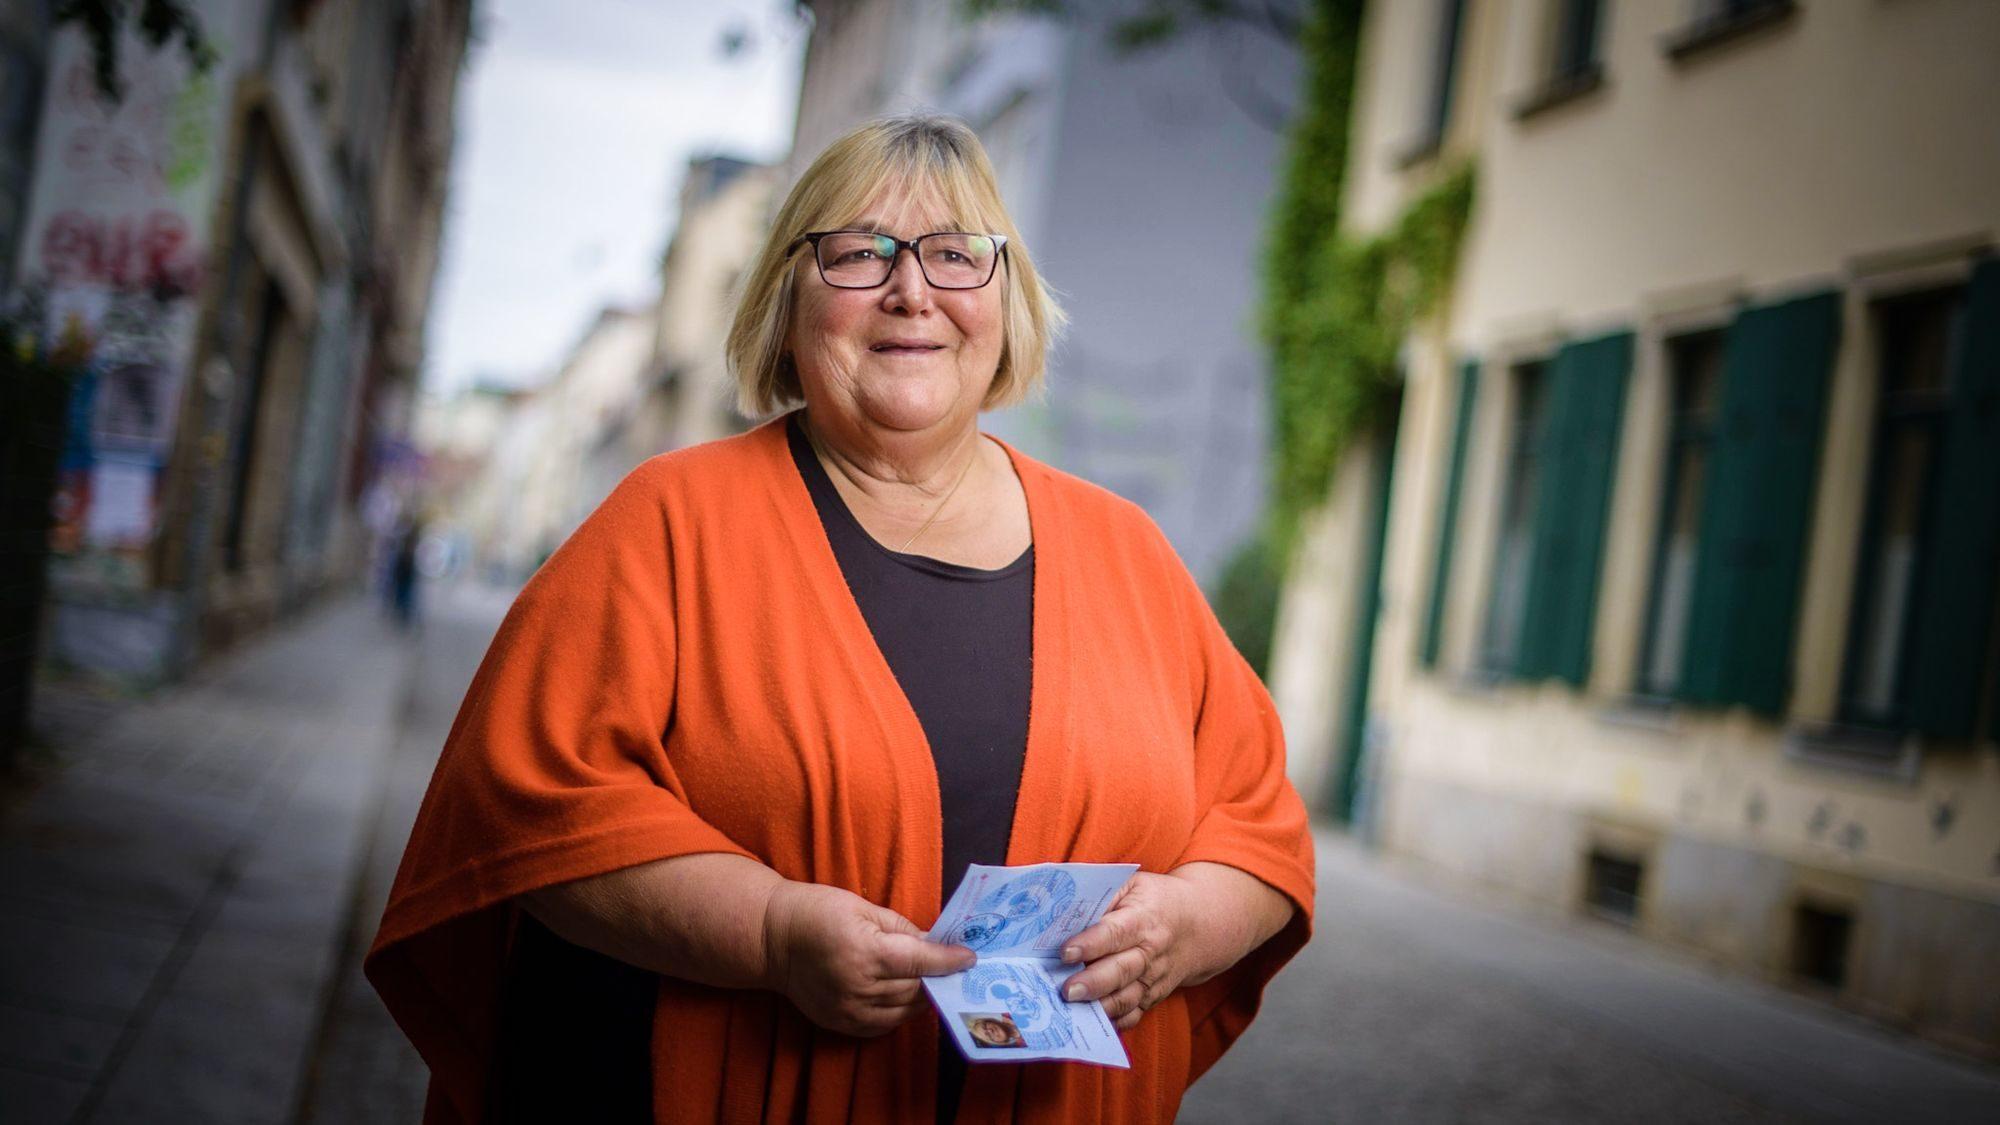 Friederike Beier auf der Böhmischen Straße - kurz vor ihrem Auszug aus der Neustadt - Foto: André Wirsig